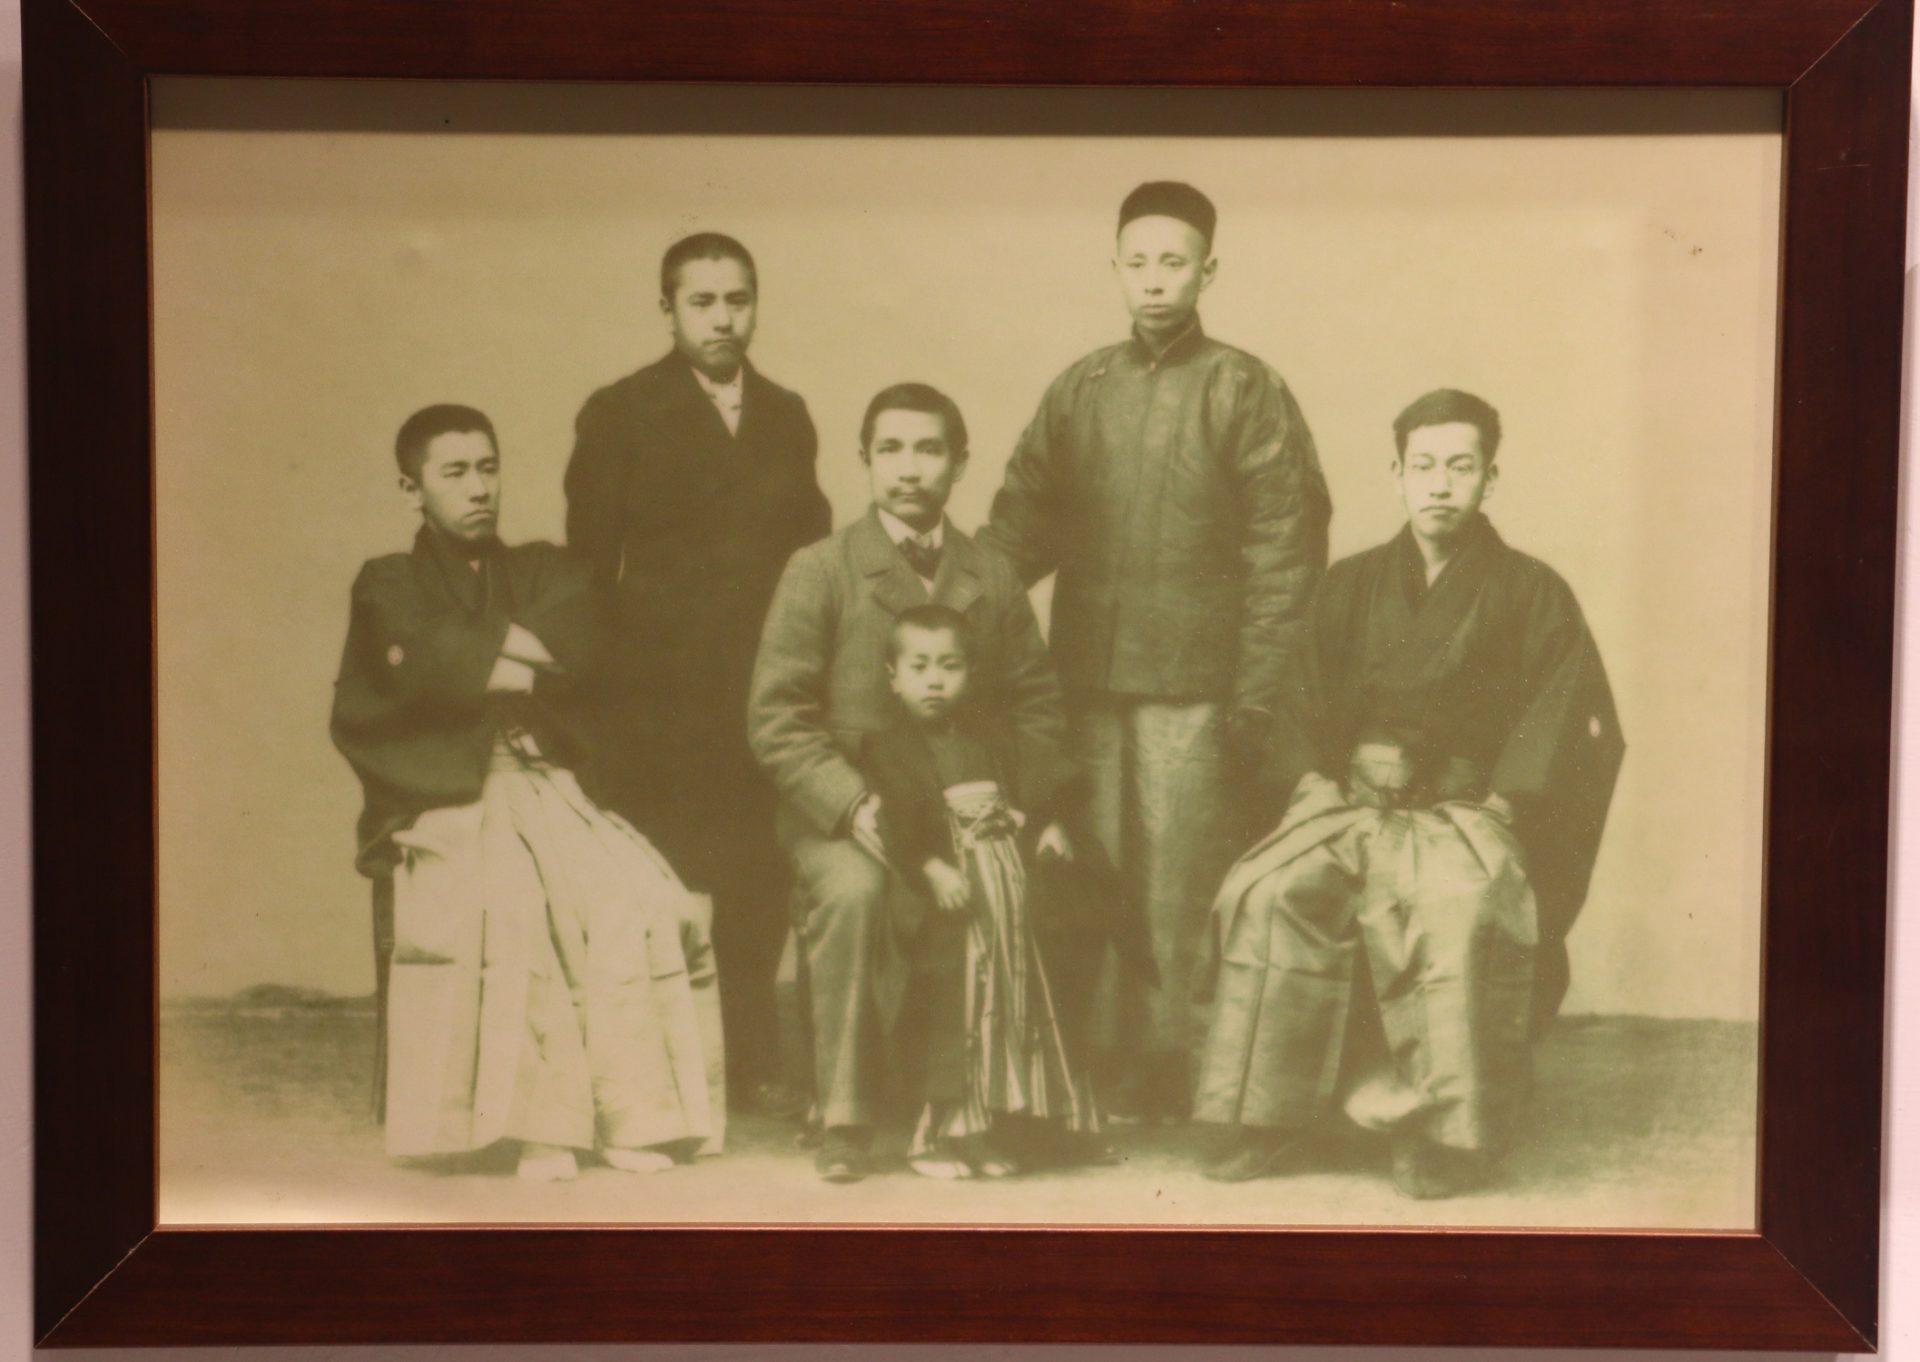 1901年孫中山訪和歌山縣,2月15日與南方熊楠一家人合影留下紀念照。後排左起南方熊楠、溫炳臣,前排左起南方常楠、抱著常楠長子常太郎的孫文、楠次郎。(翻攝/ 黃宗偉)